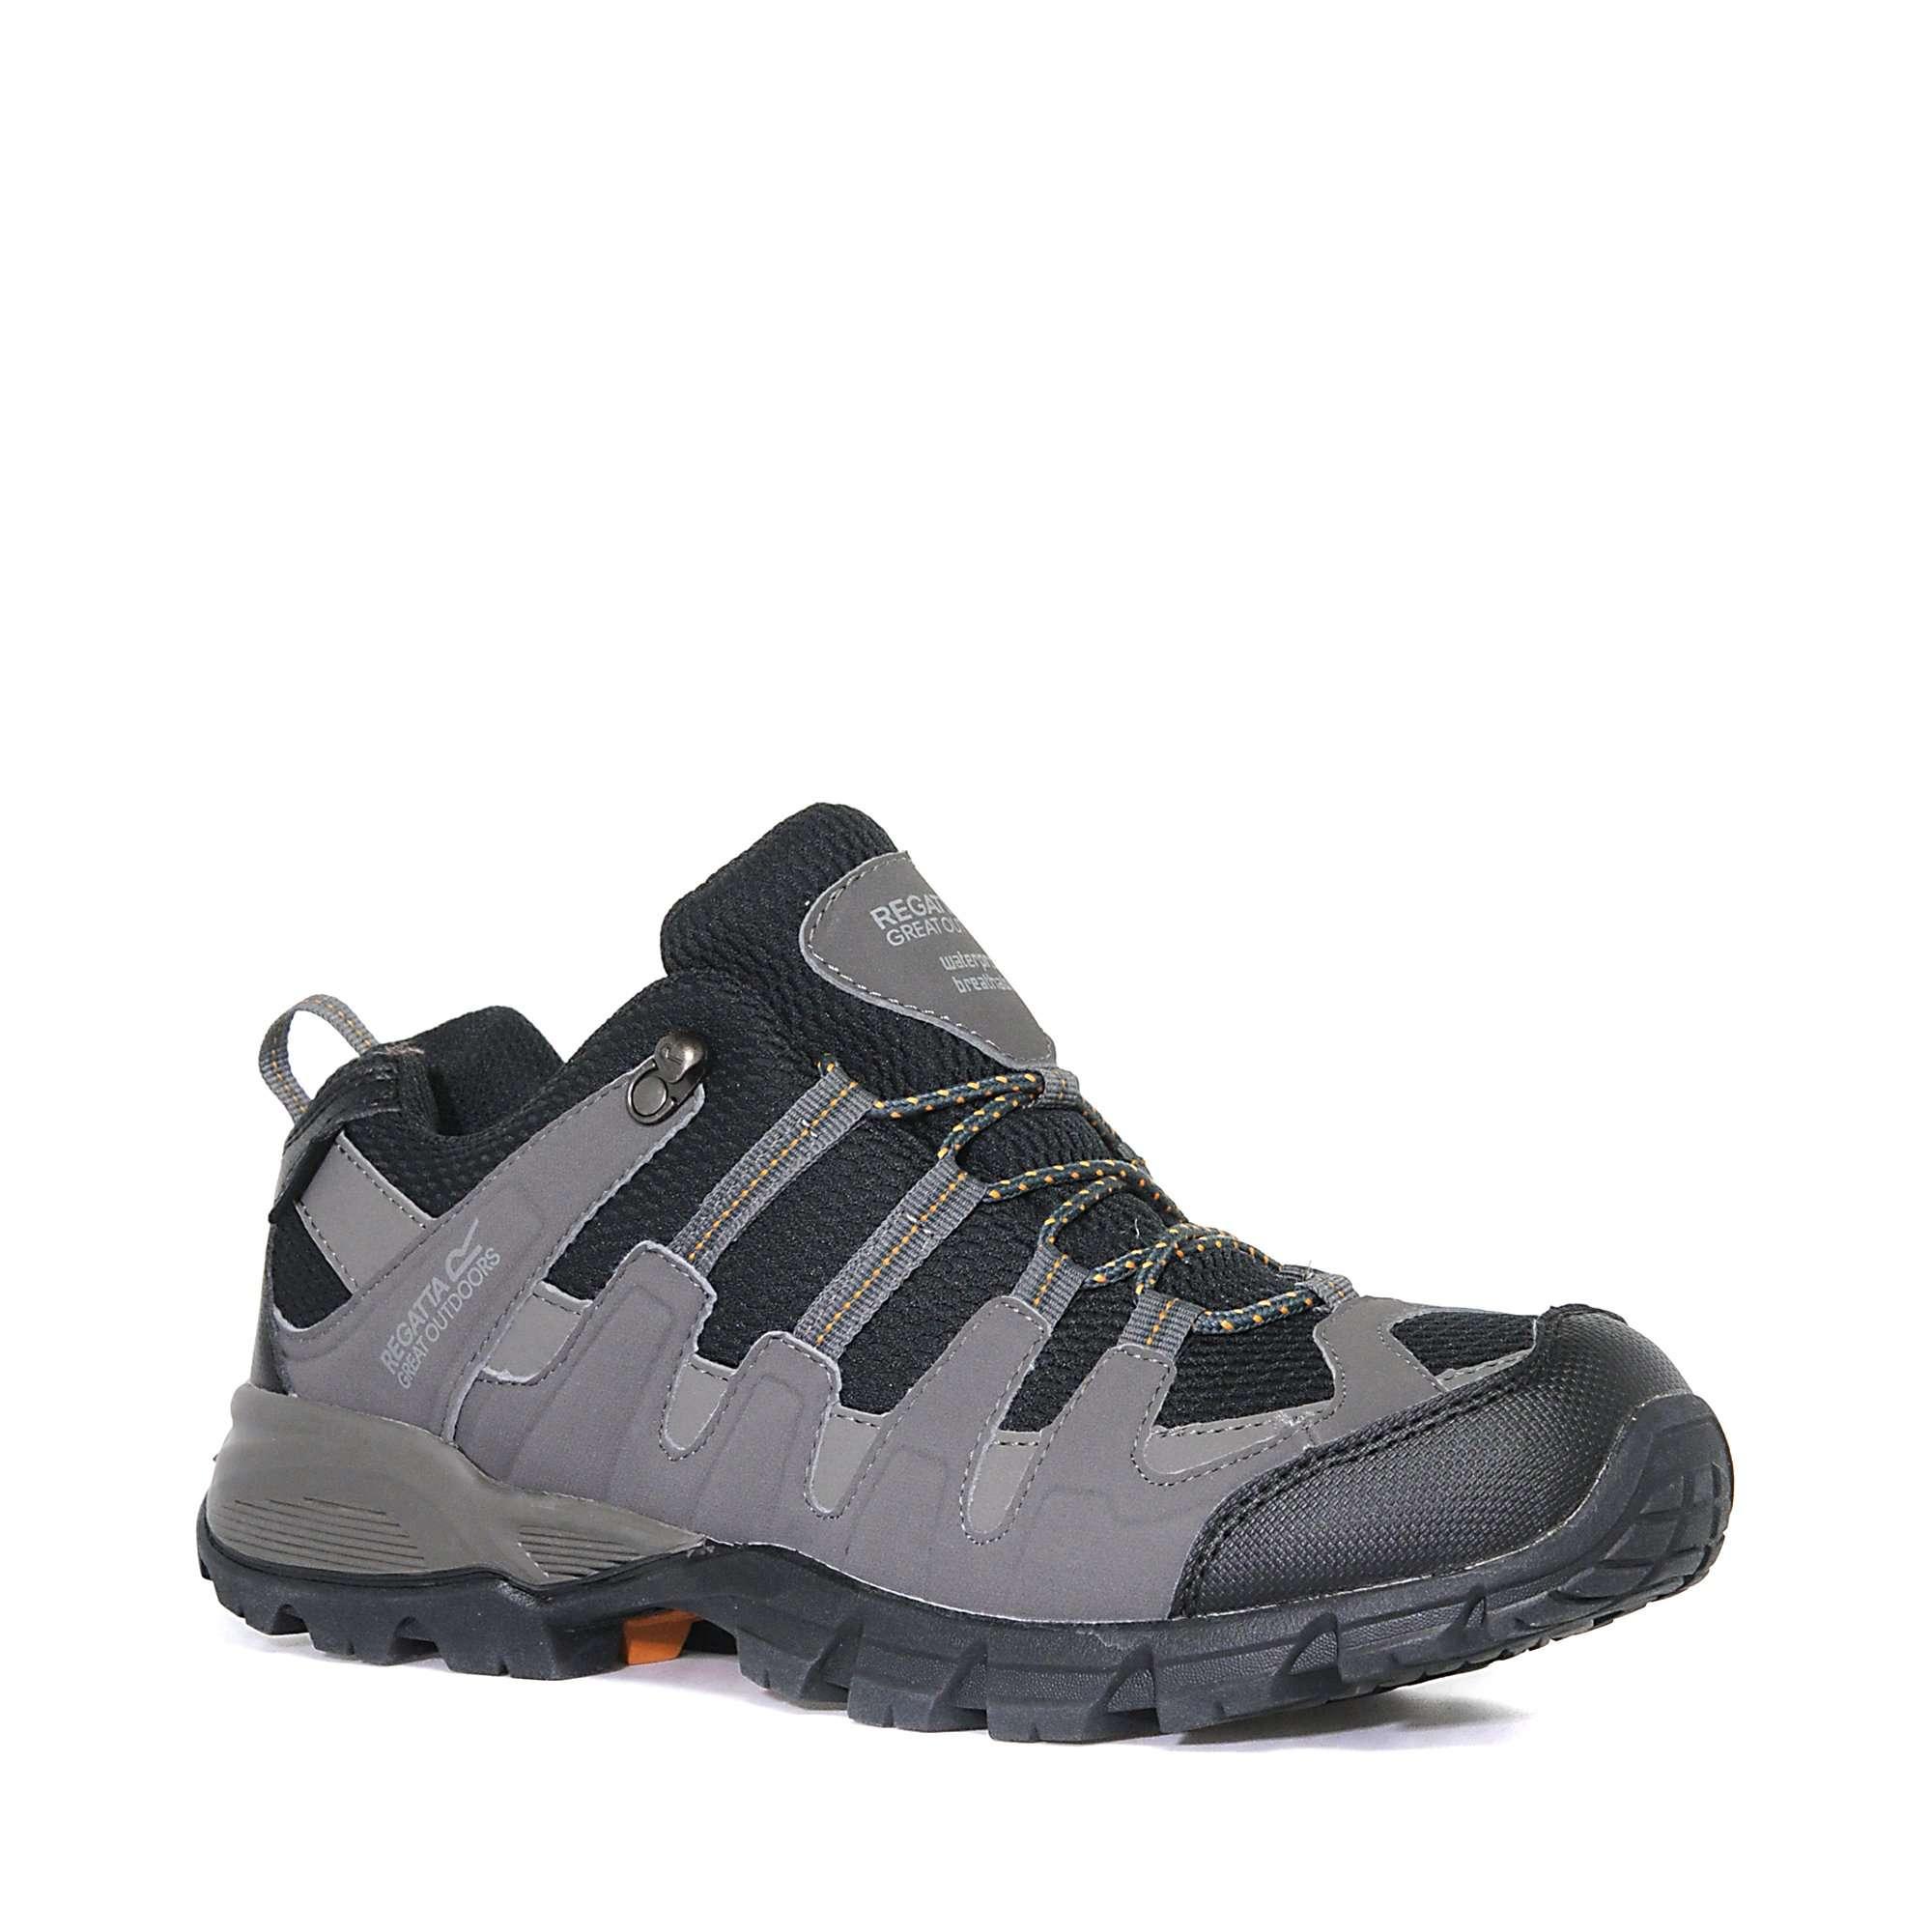 REGATTA Men's Garsdale Walking Shoe